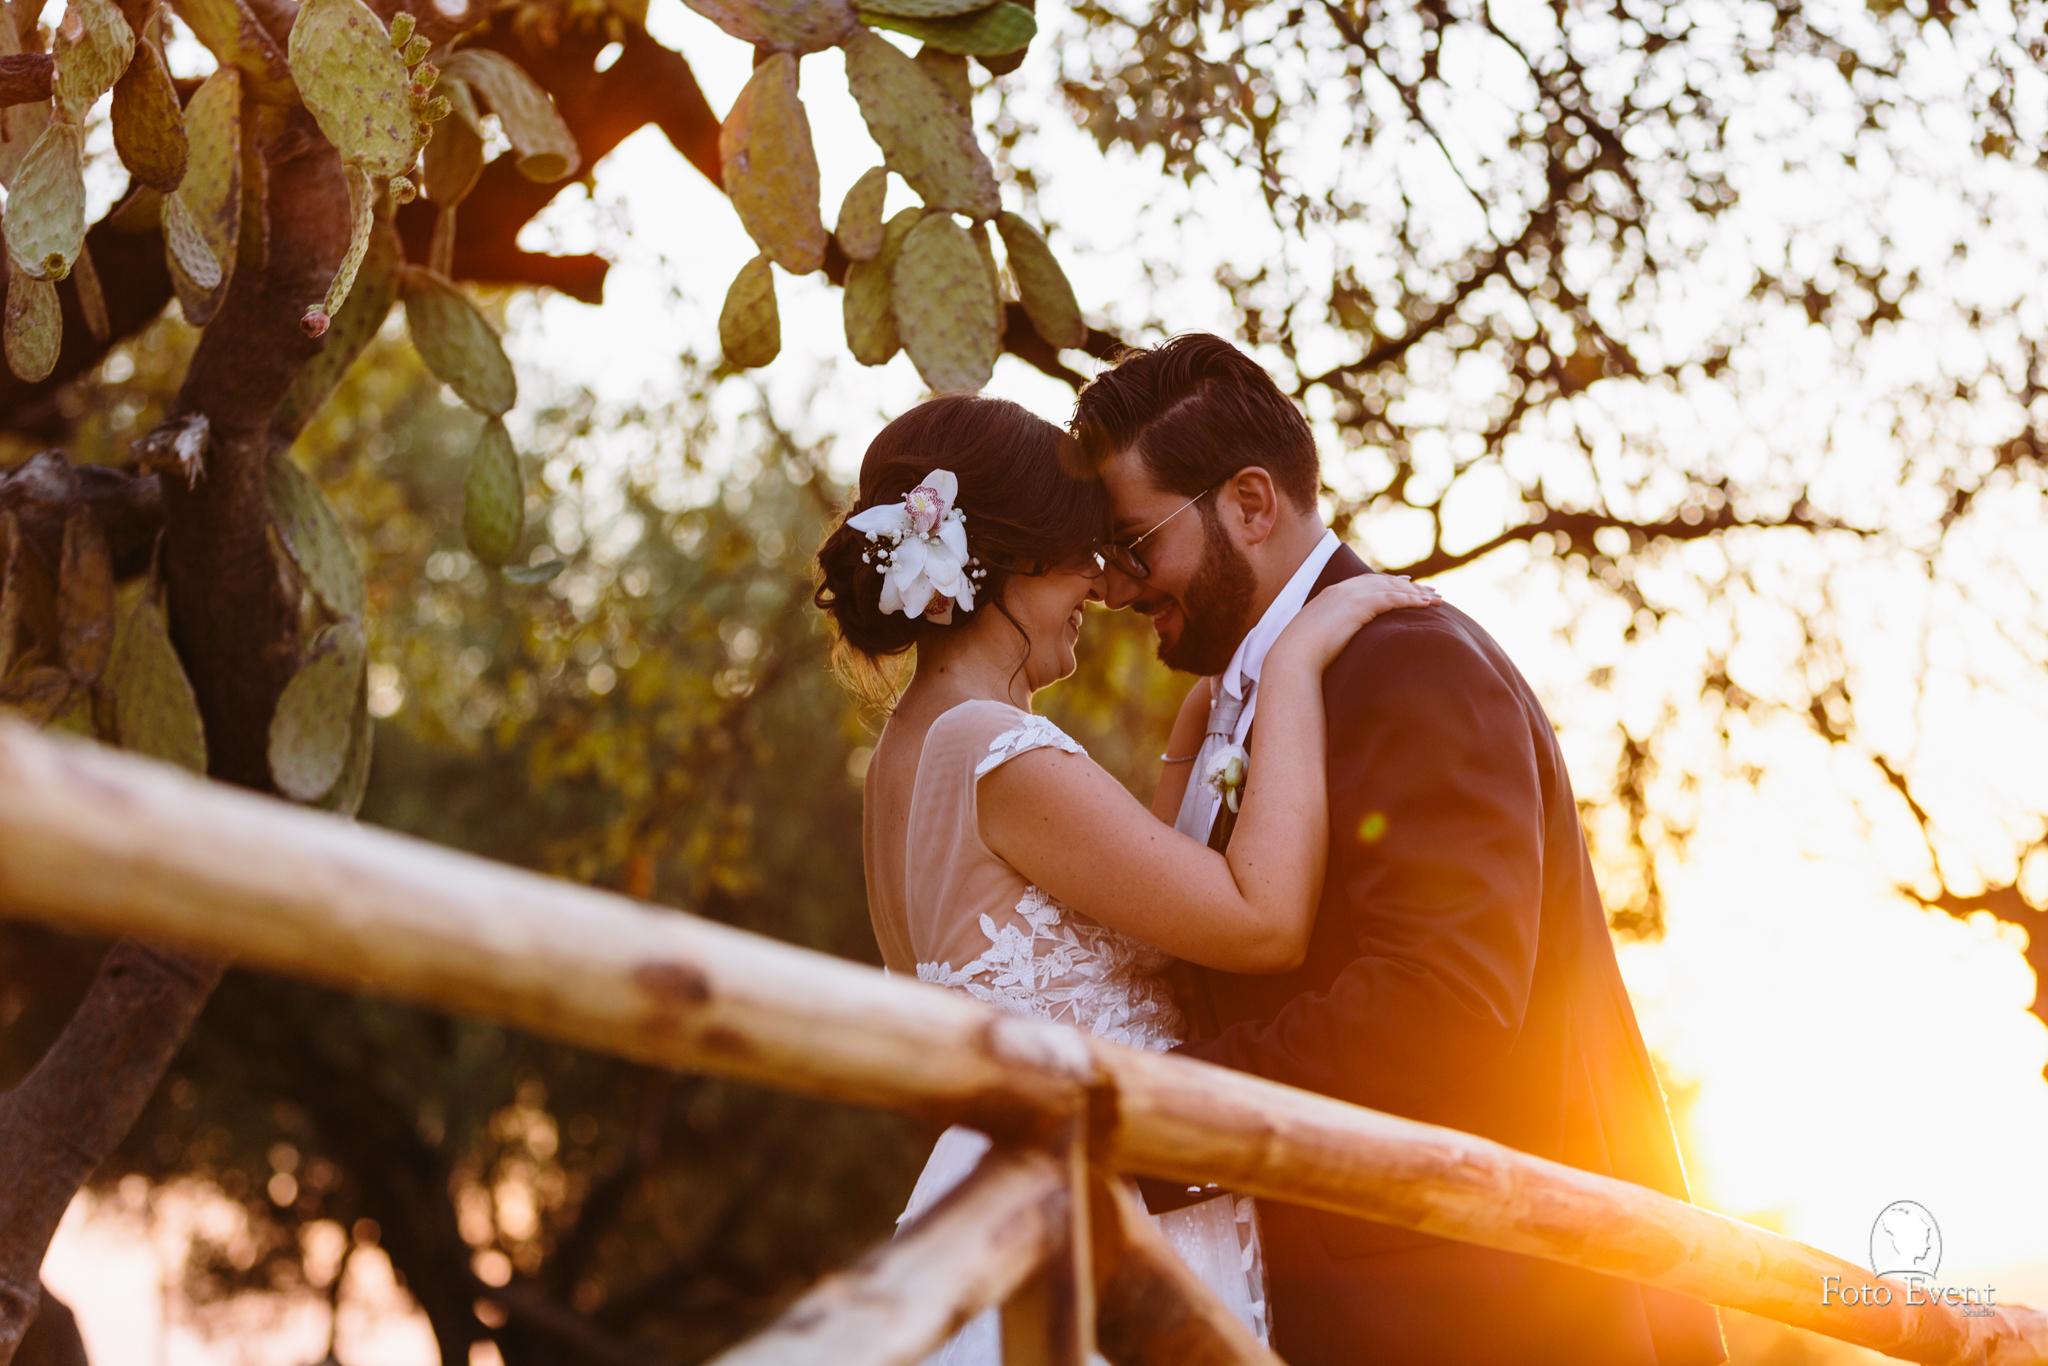 matrimonio baia di ulisse